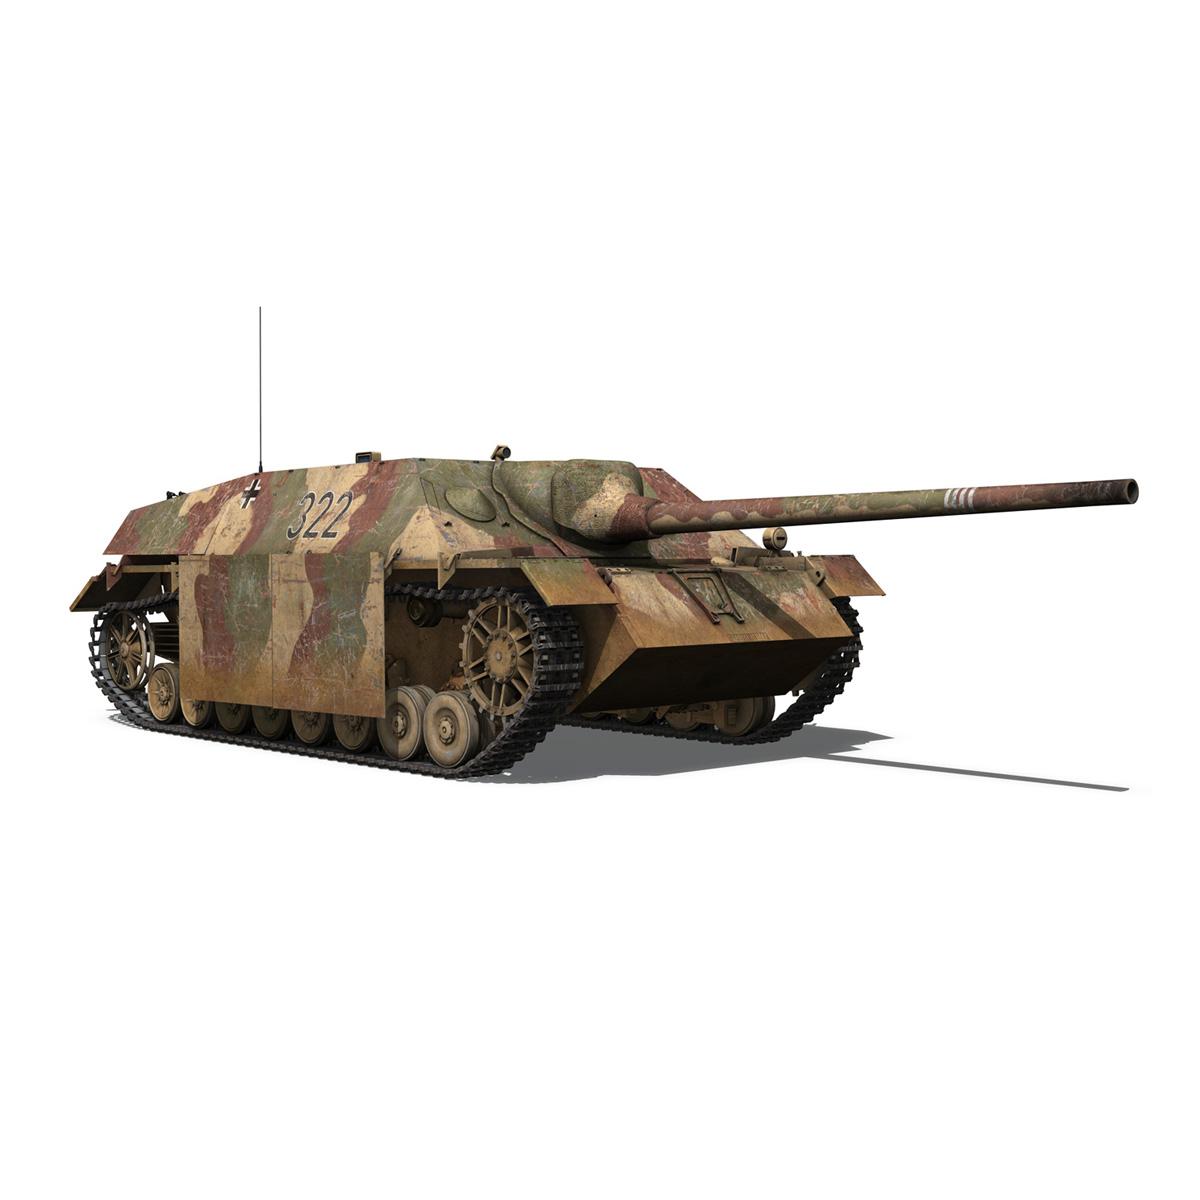 jagdpanzer iv l/70 (v) – 322 – late production 3d model 3ds fbx c4d lwo obj 282353